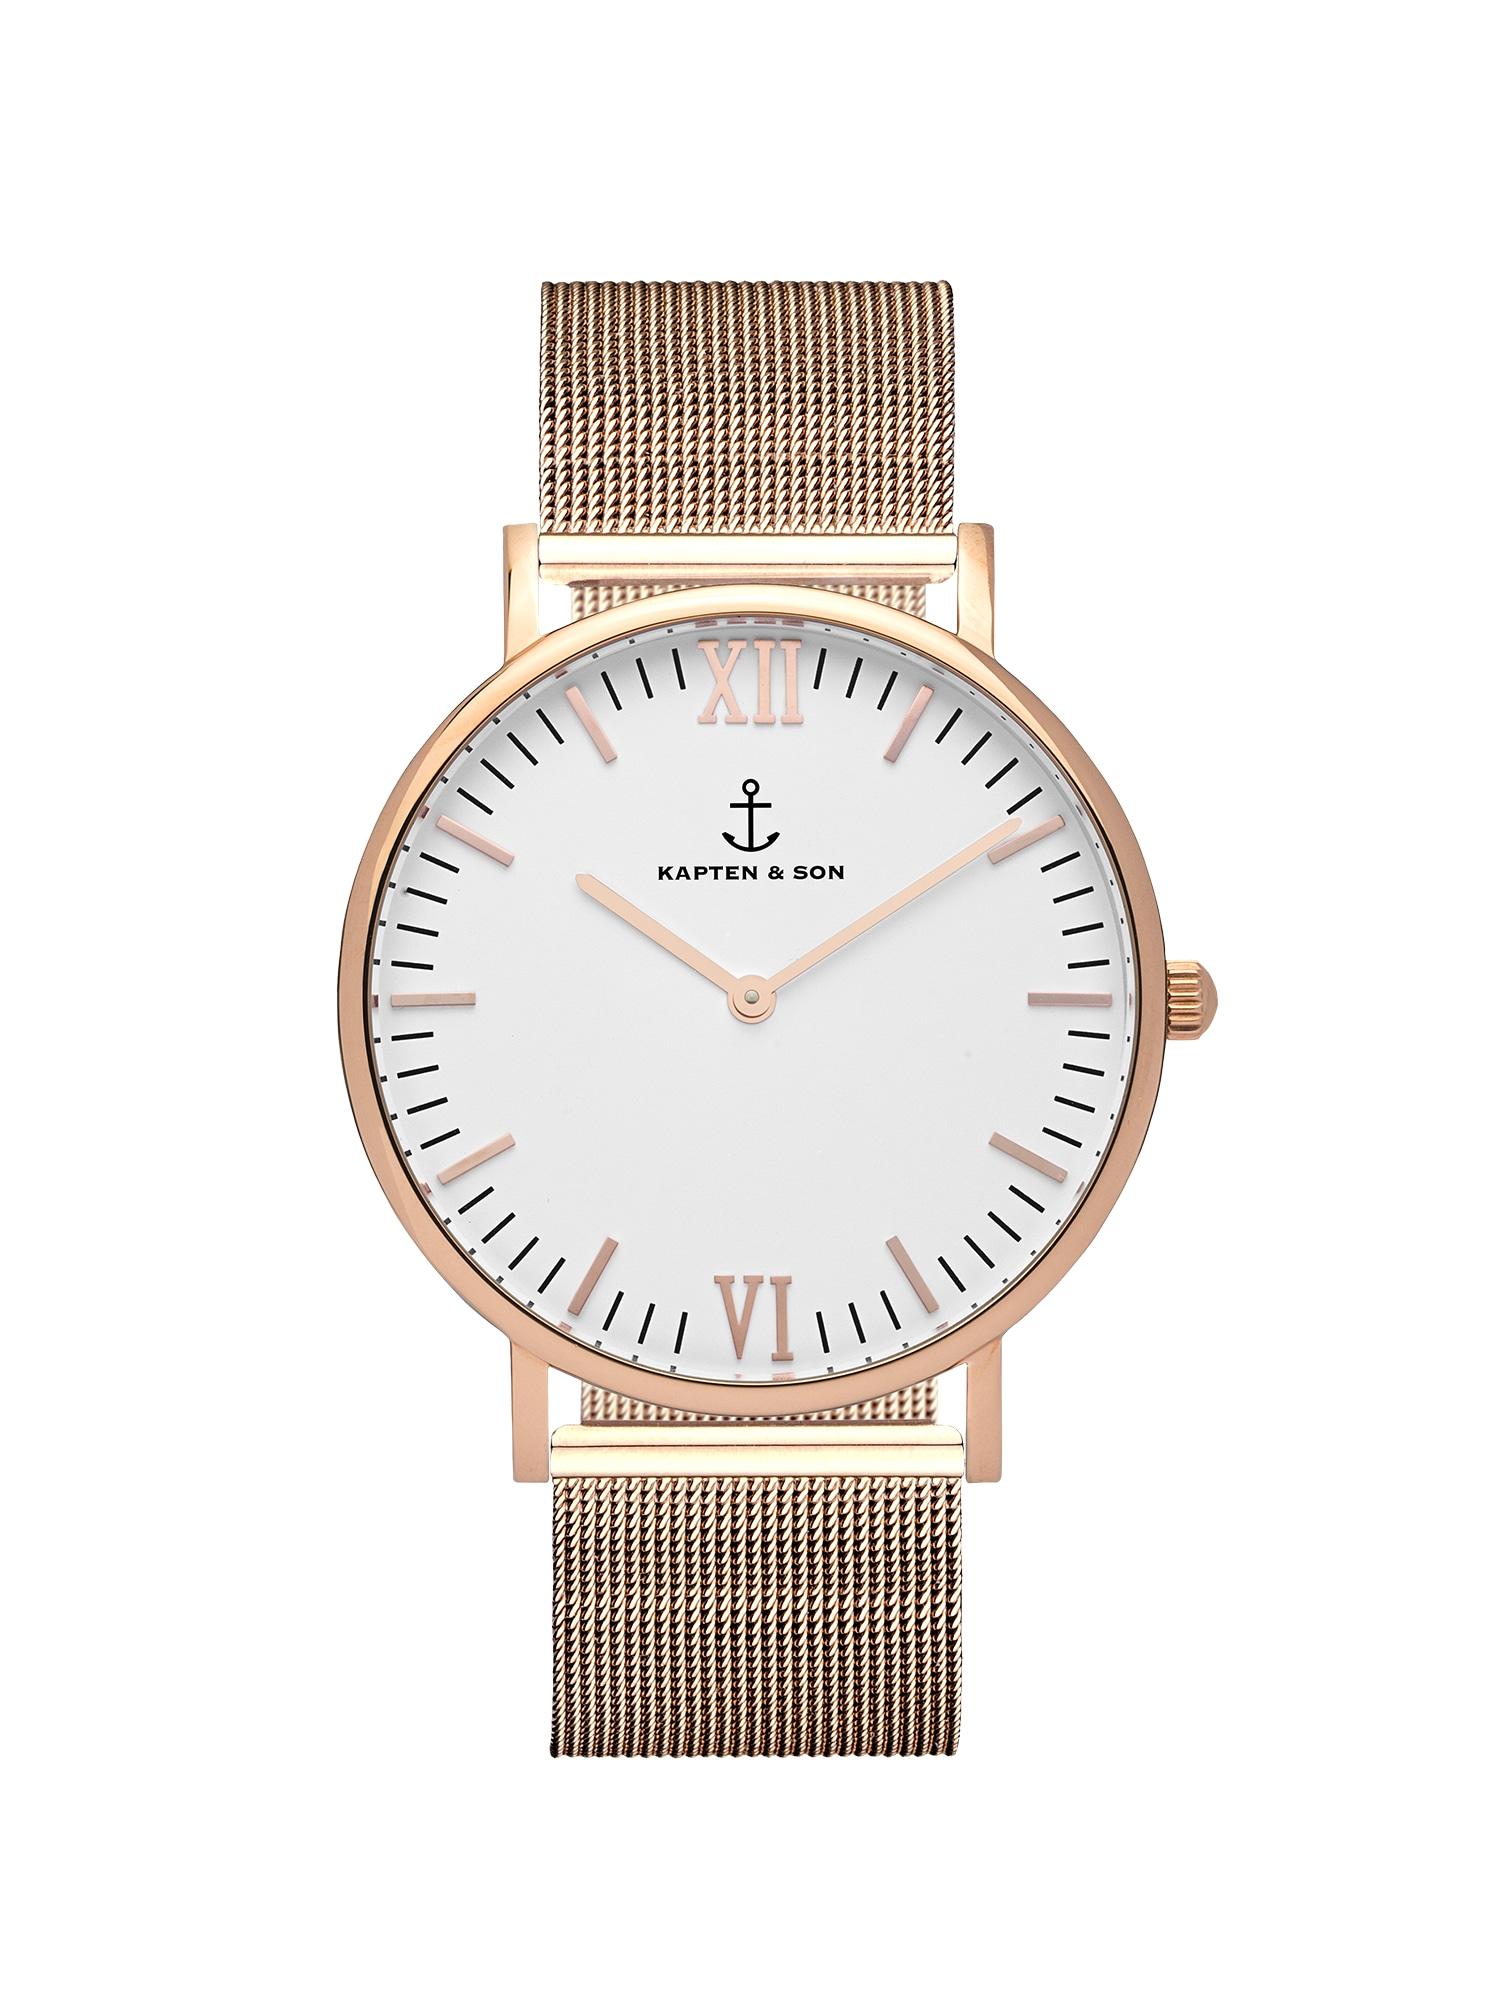 Kapten & Son Analoginis (įprastinio dizaino) laikrodis 'Campina Mesh' bronzinė